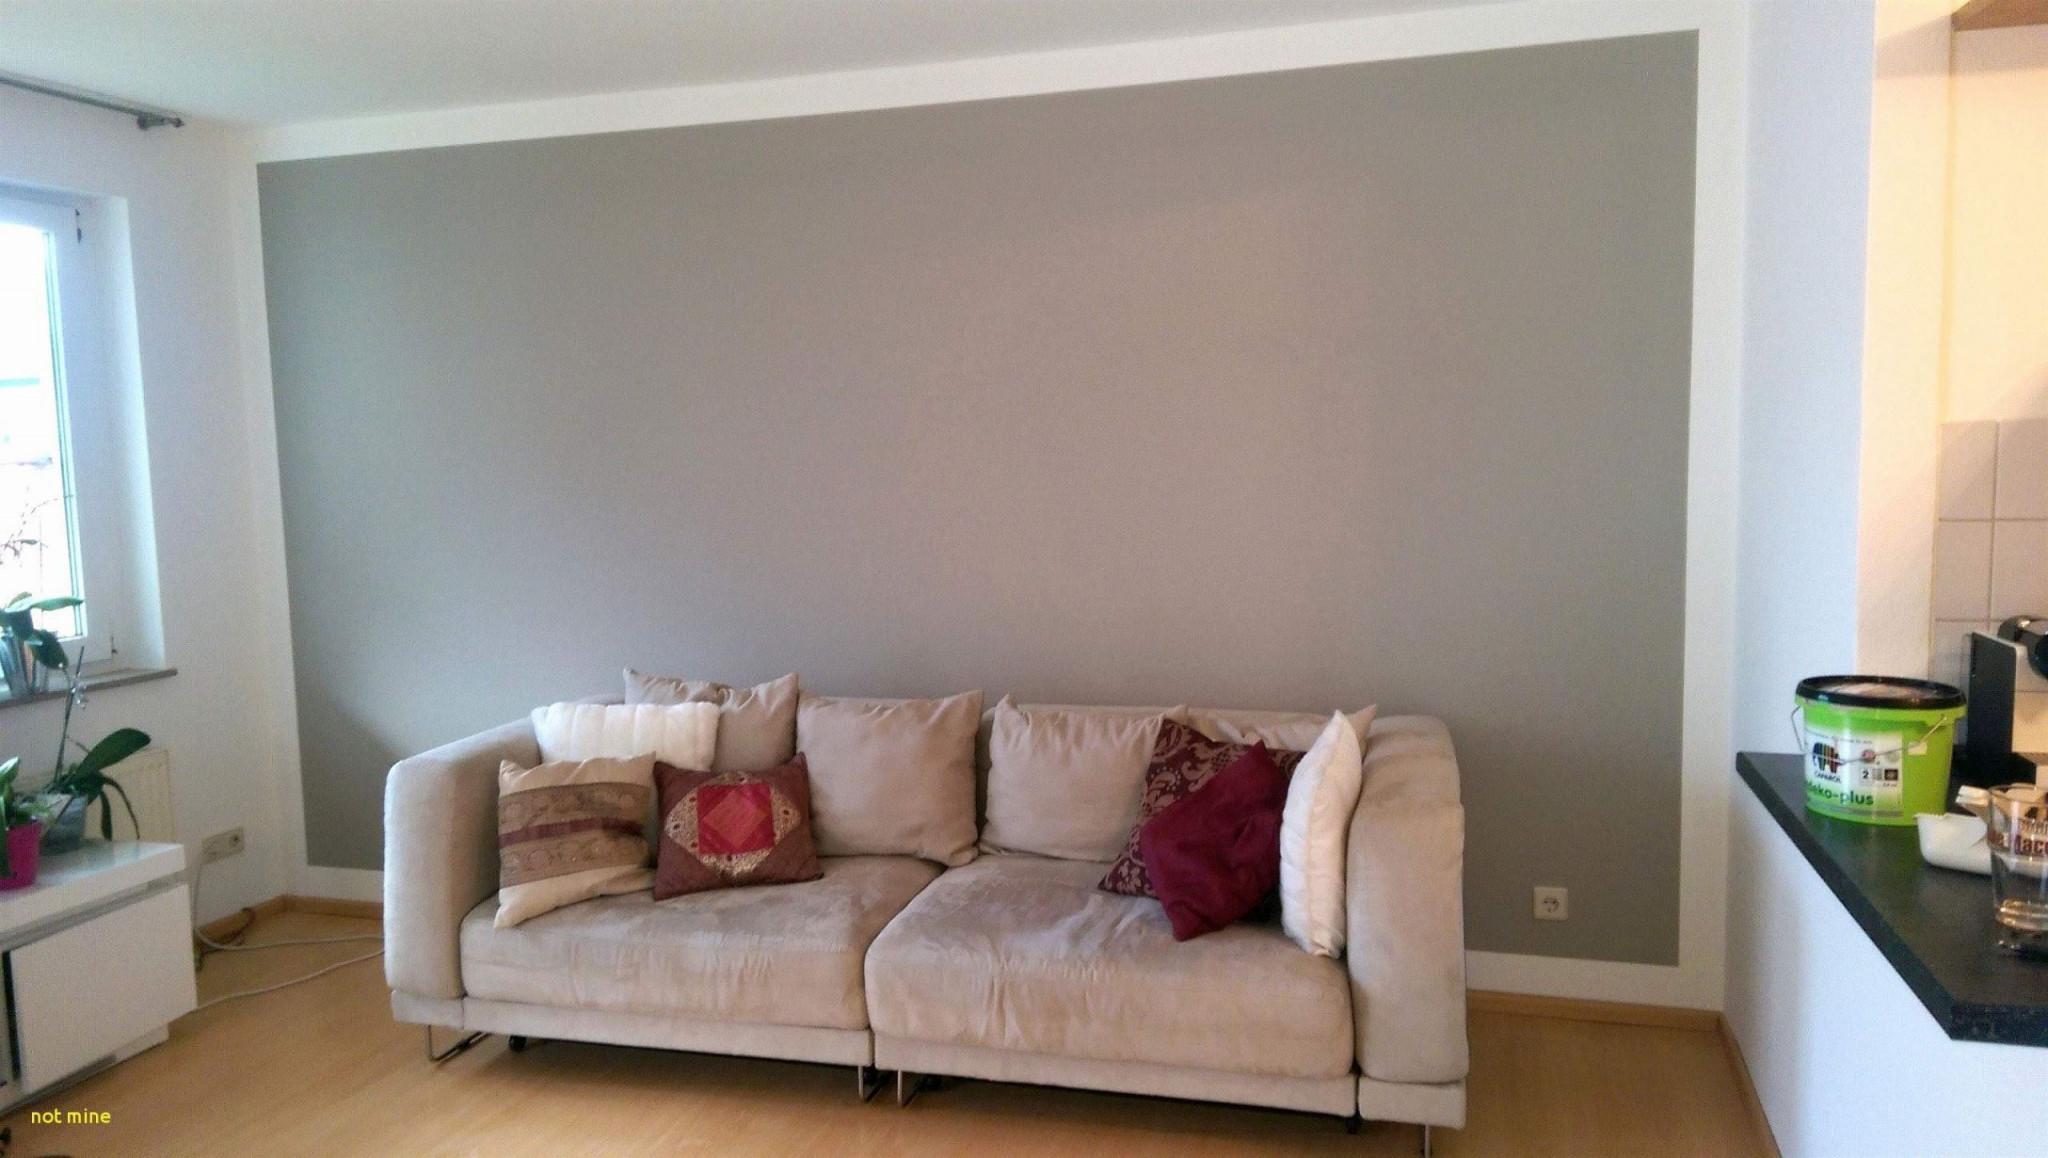 Wandgestaltung Wand Streichen Ideen Wohnzimmer – Caseconrad von Wohnzimmer Wände Gestalten Bilder Bild